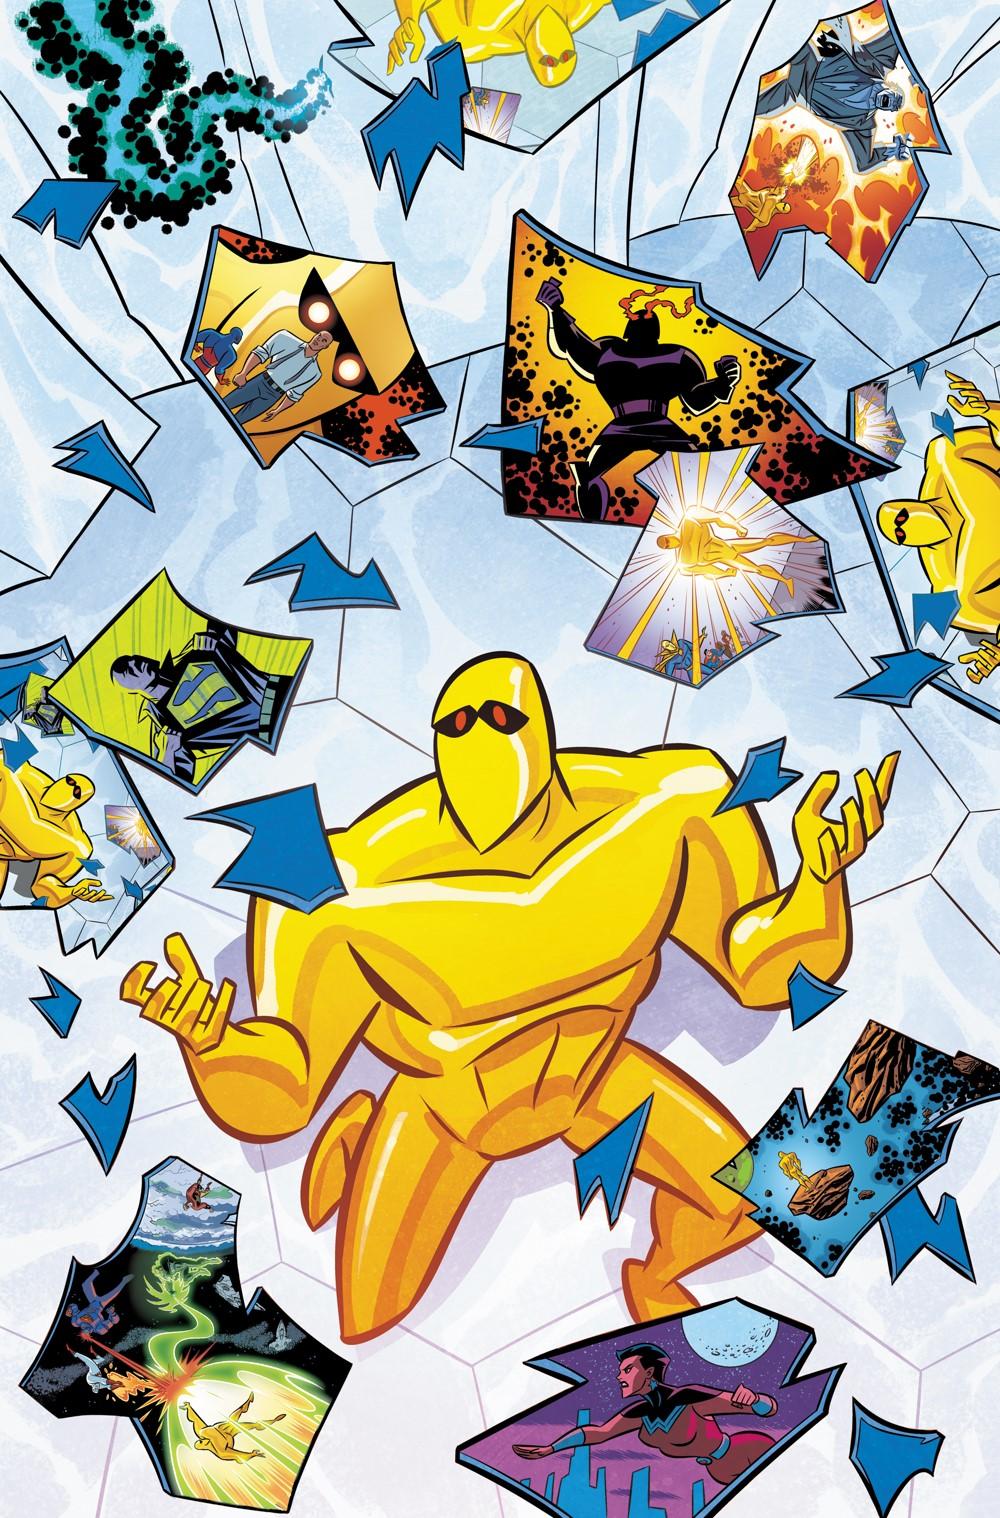 JLINF_02_02_300_NFC_Temp DC Comics October 2021 Solicitations